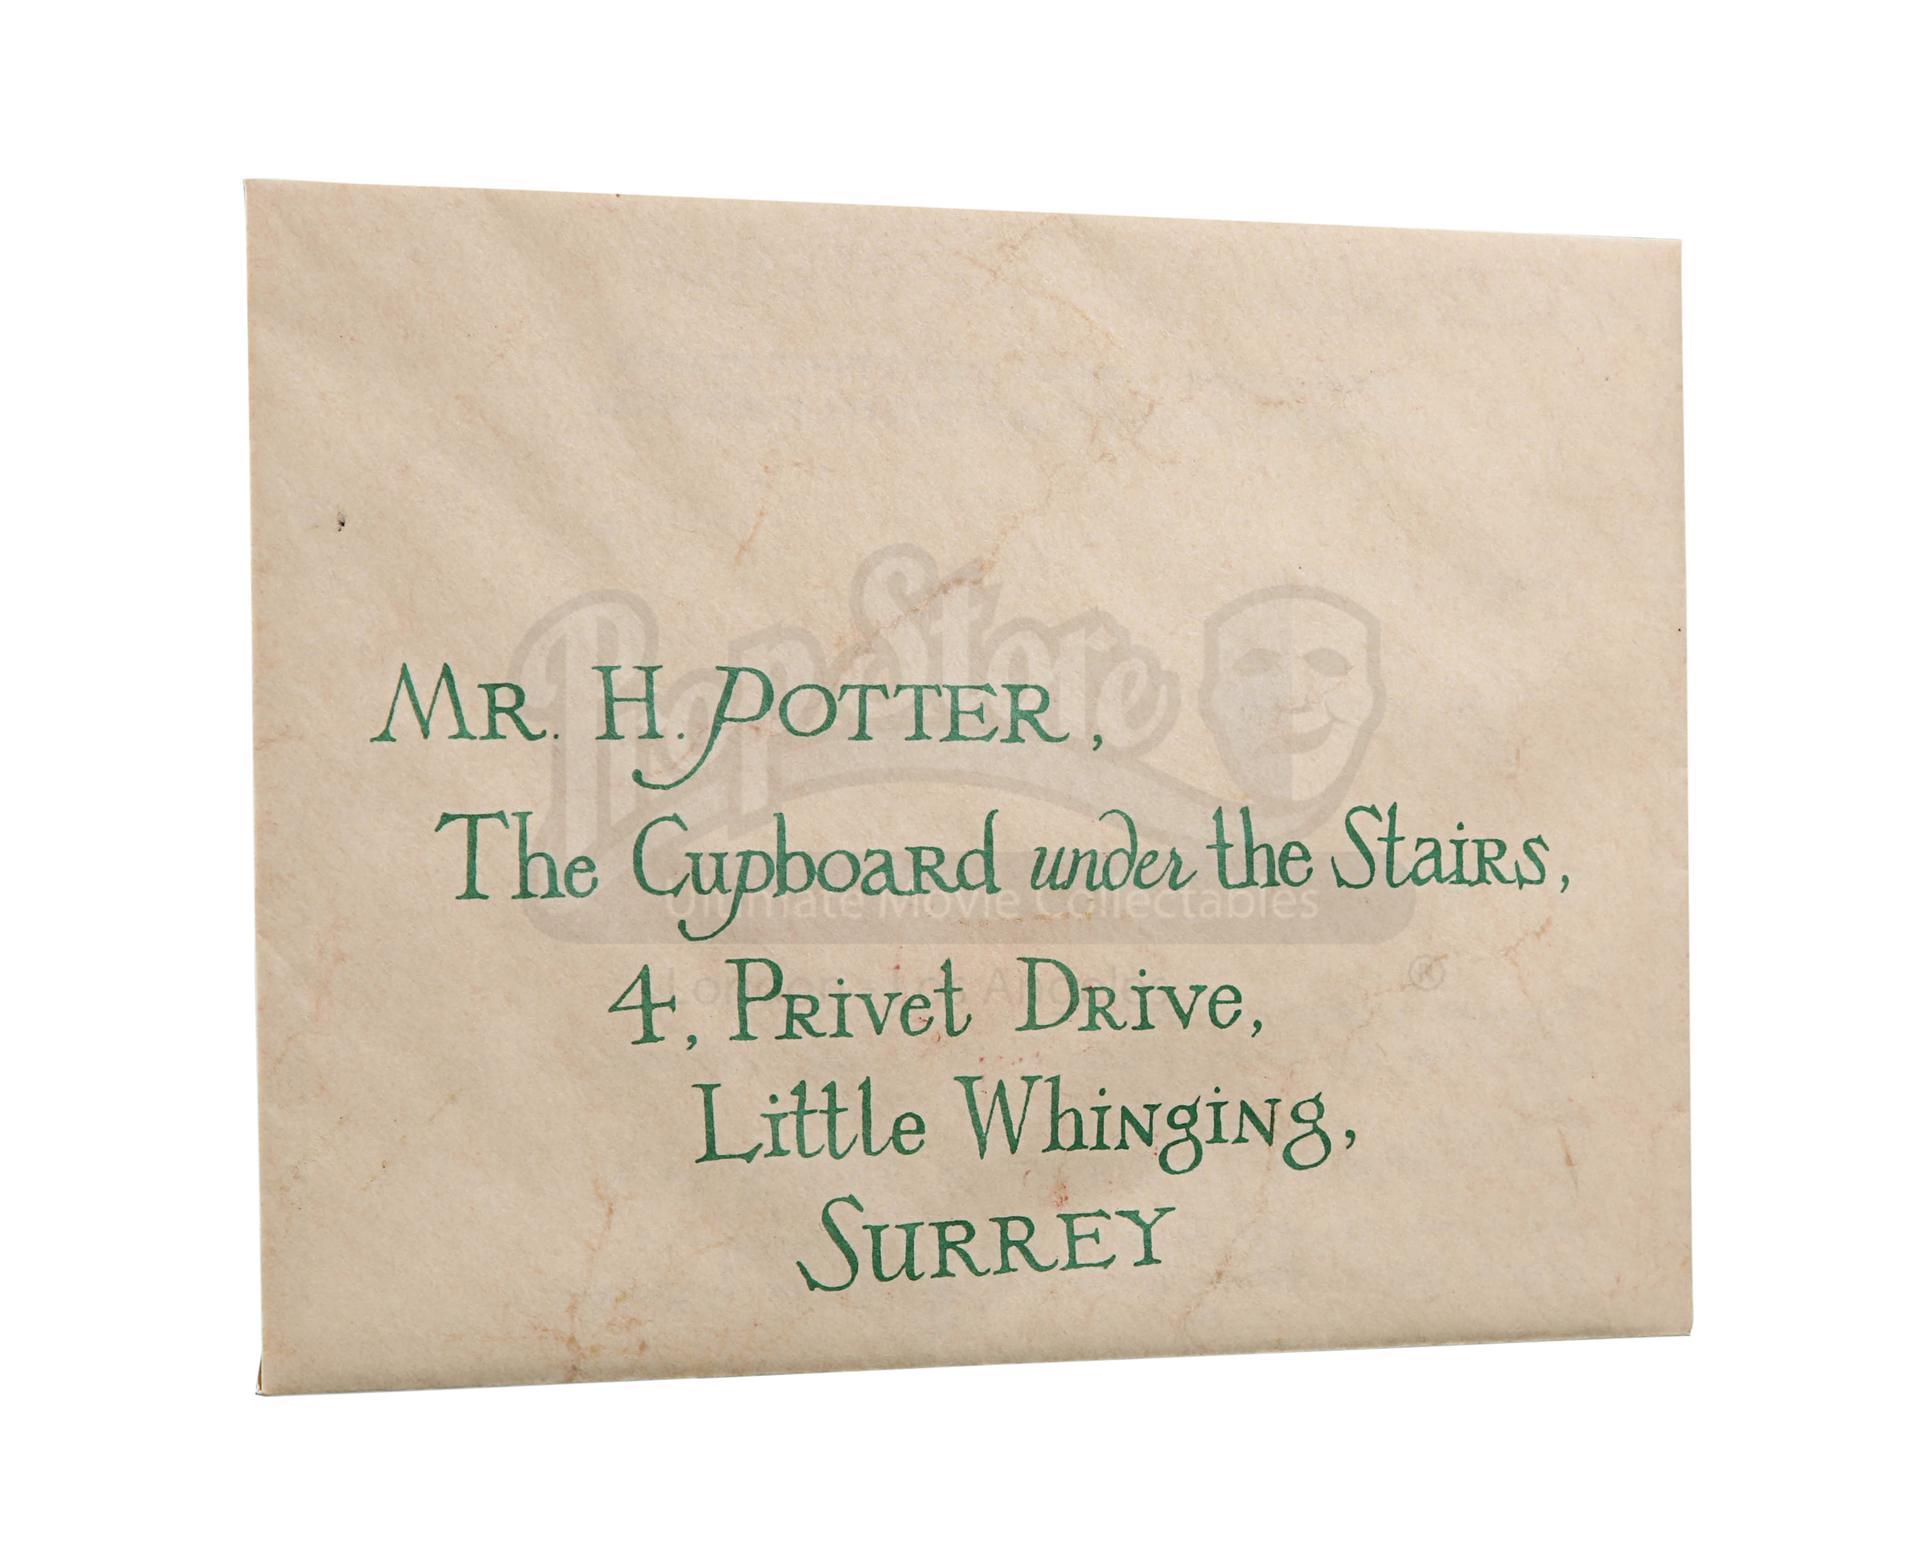 """La lettera da Hogwarts in """"Harry Potter e la Pietra Filosofale"""" (stima: £4000 - £6000)"""